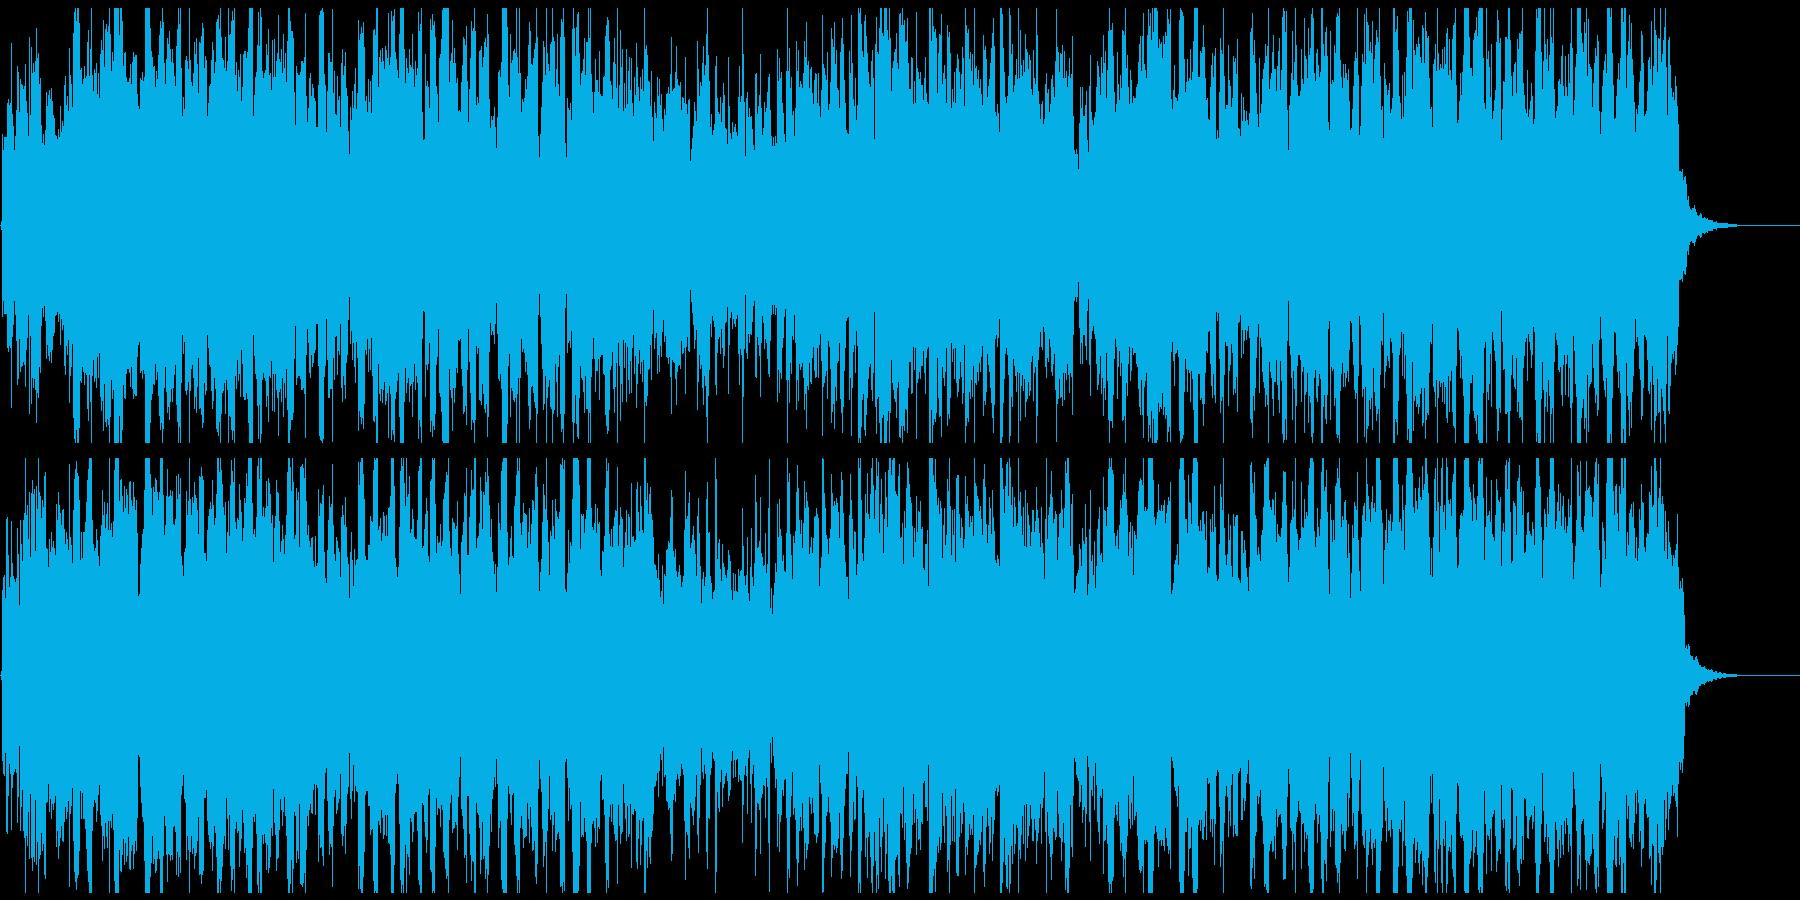 篠笛生録の和風EDM、フューチャーベースの再生済みの波形